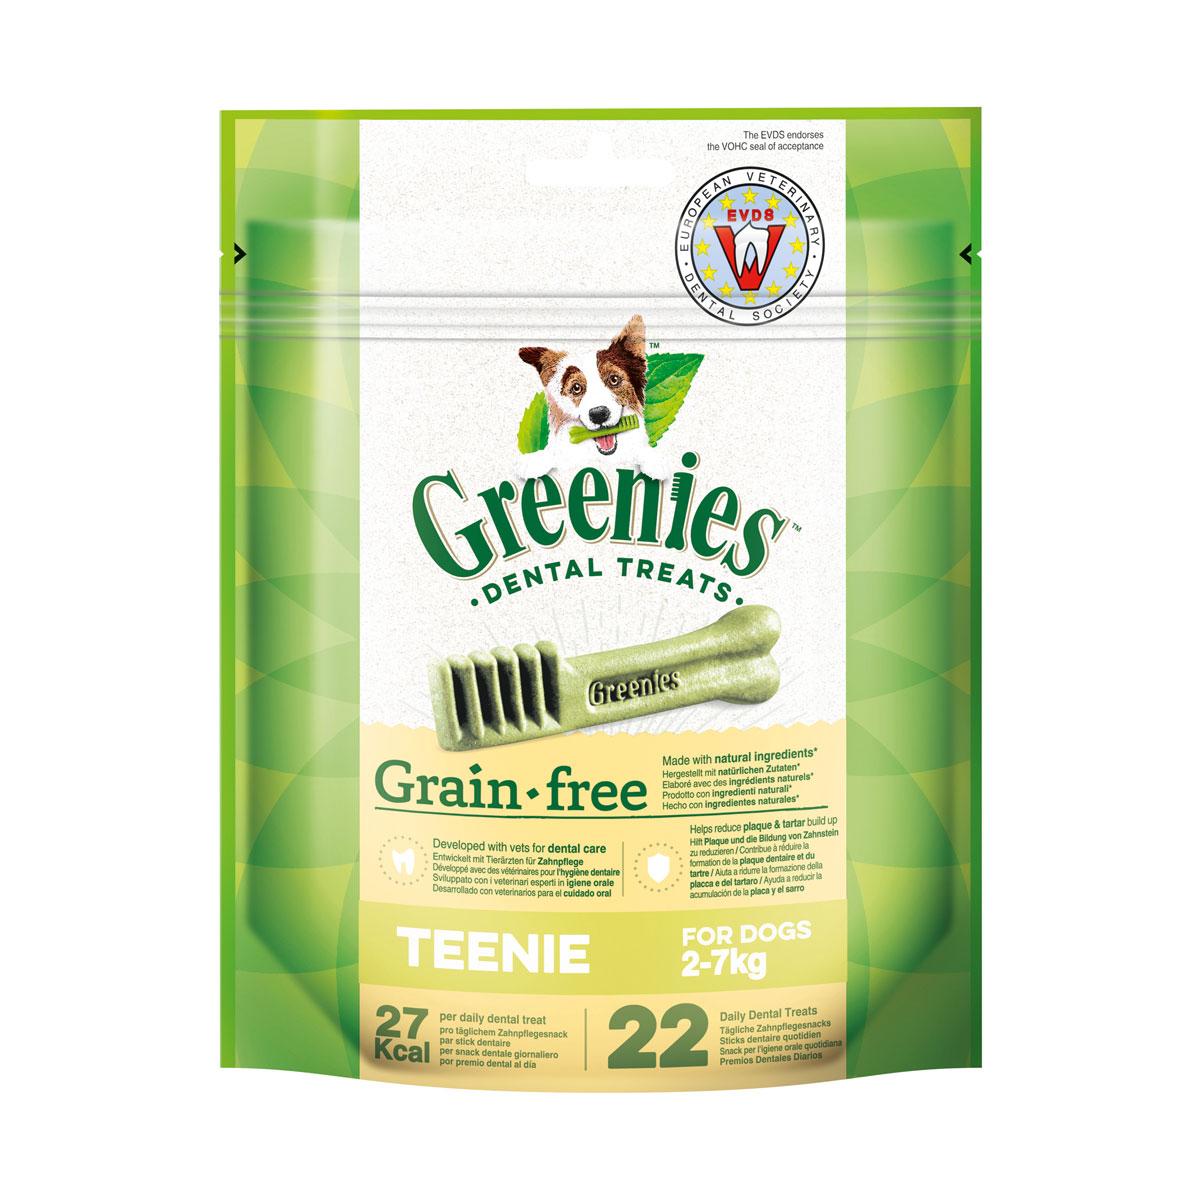 Greenies Grain Free Teenie Zahnpflegesnacks für Hunde von 2-7kg - 170g